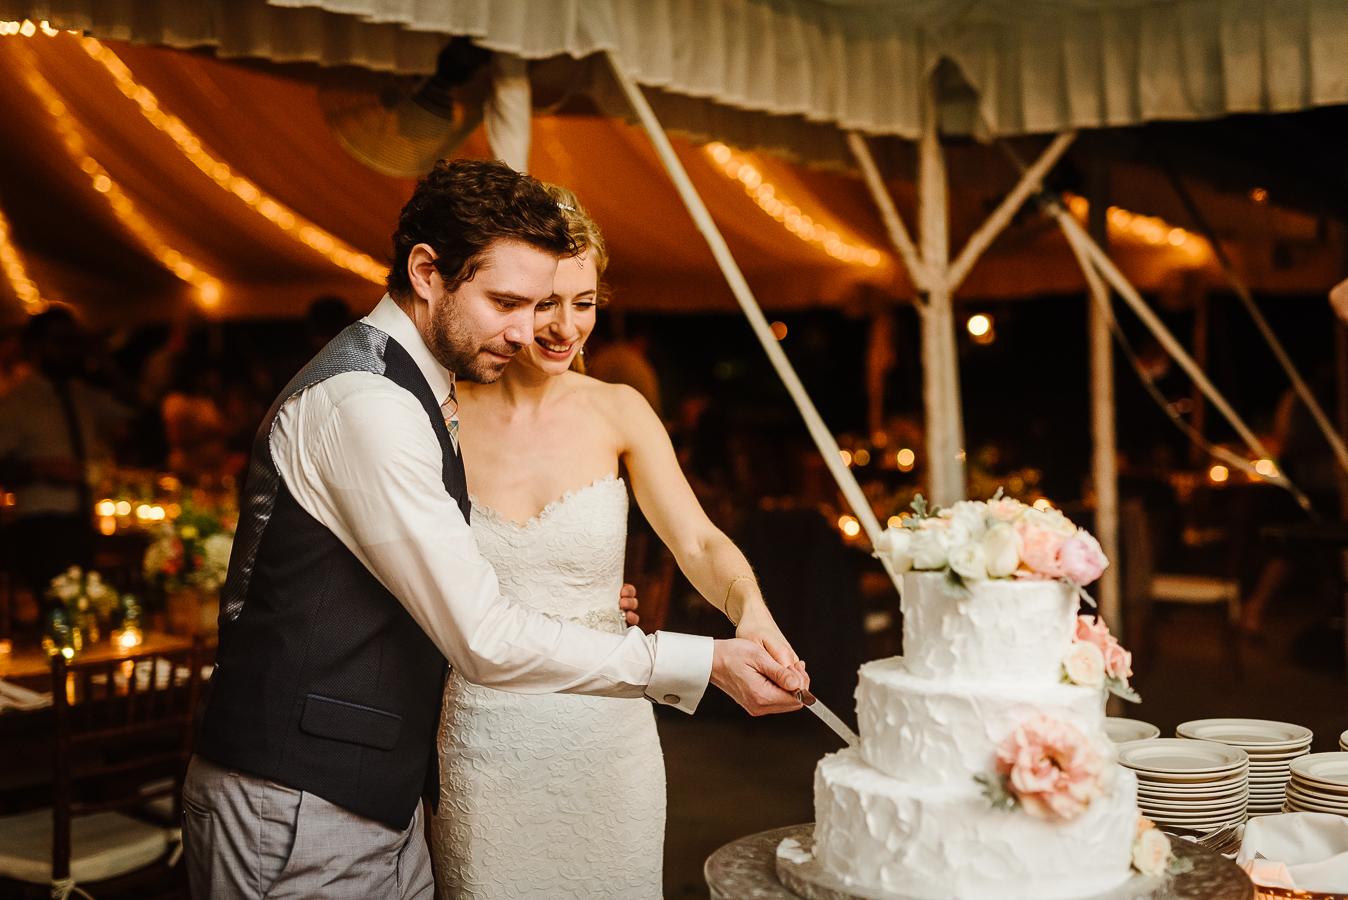 Stylish Crossed Keys Inn Wedding Crossed Keys Wedding Crossed Keys Inn Andover NJ Longbrook Photography-91.jpg